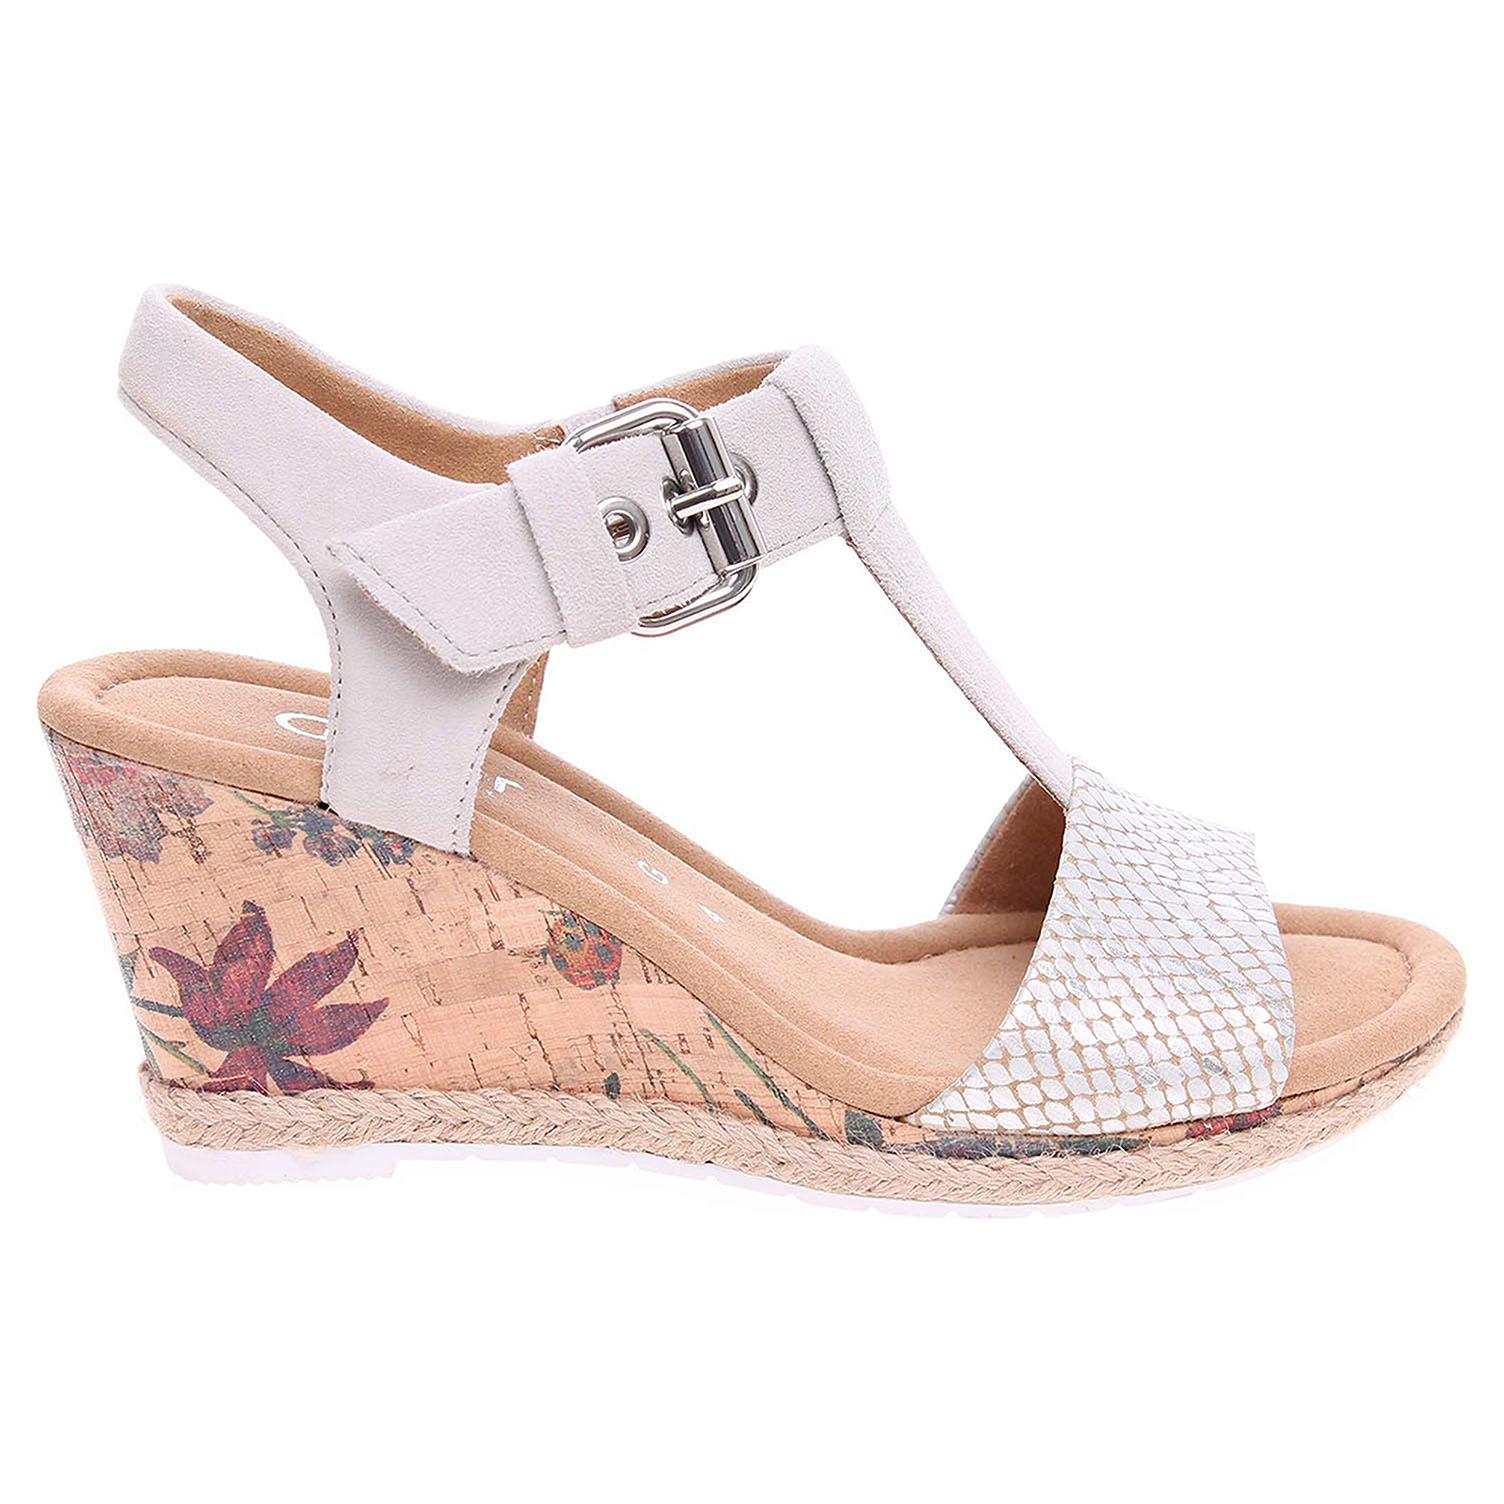 Ecco Gabor dámské sandály 62.824.11 stříbrná 23801120